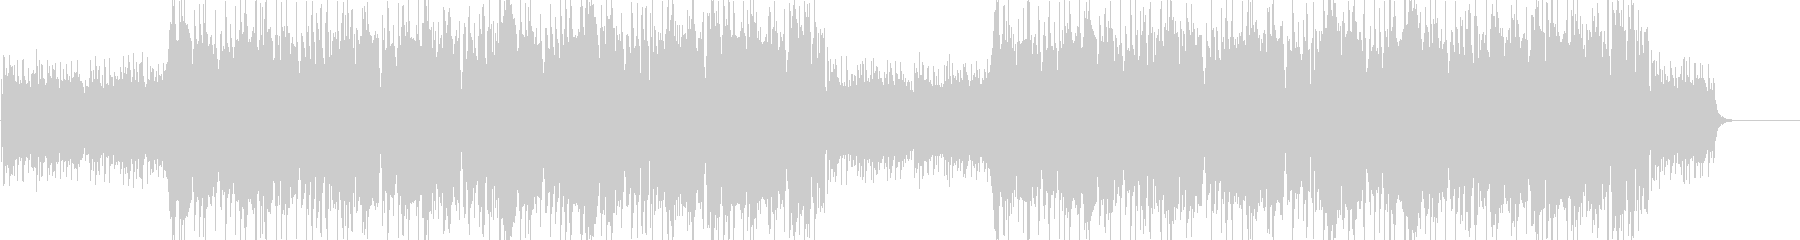 ハロウィン ホラー系ダブステップの未再生の波形